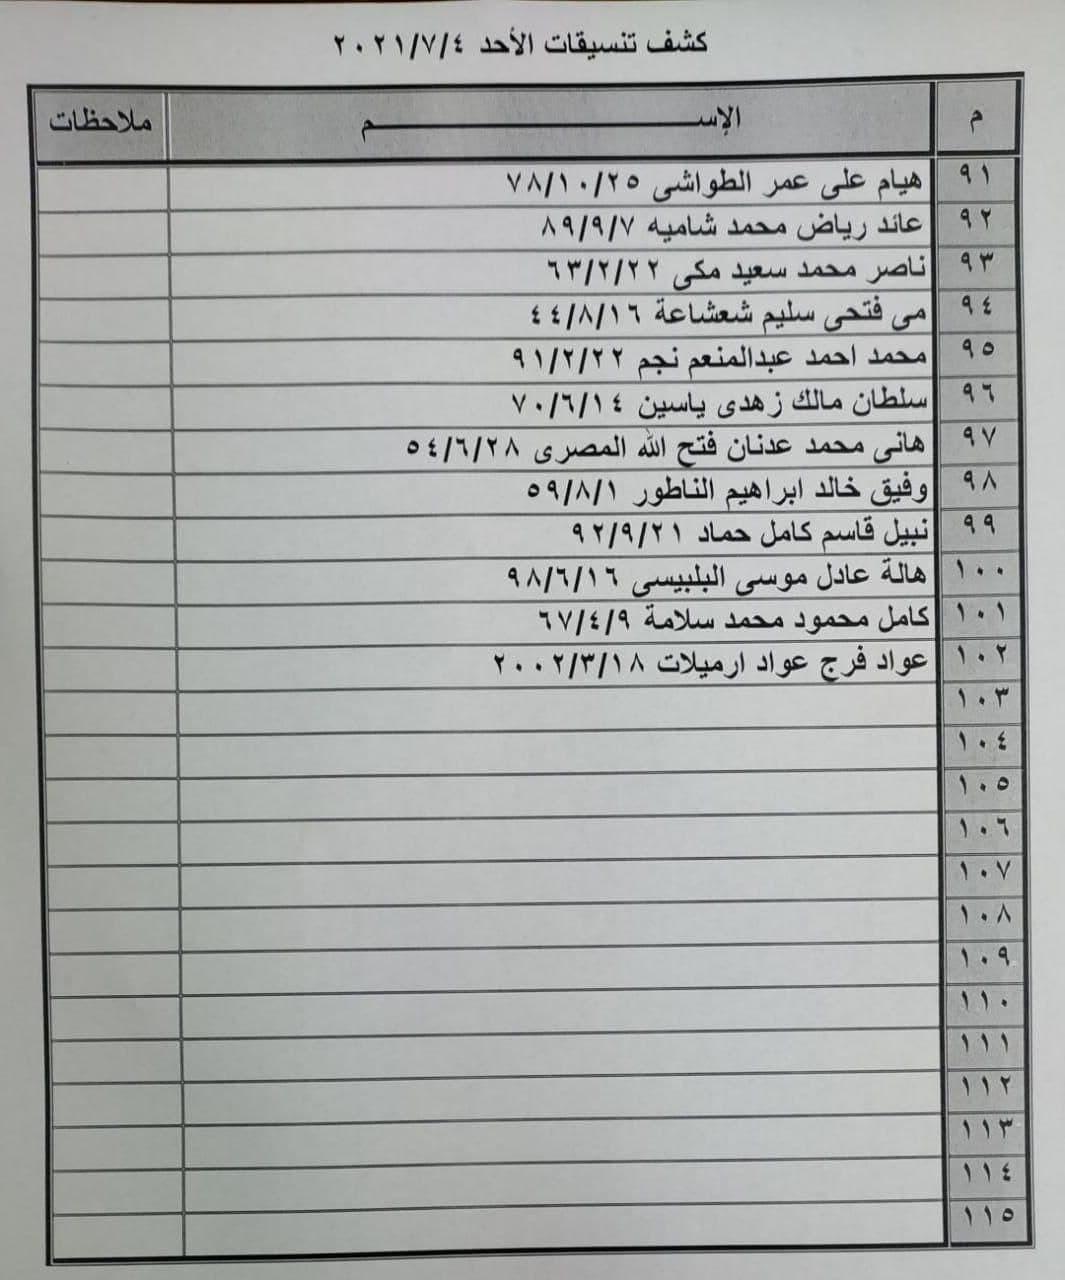 """ملحق كشف """"تنسيقات مصرية"""" للسفر عبر معبر رفح يوم غد الأحد 4 يوليو"""